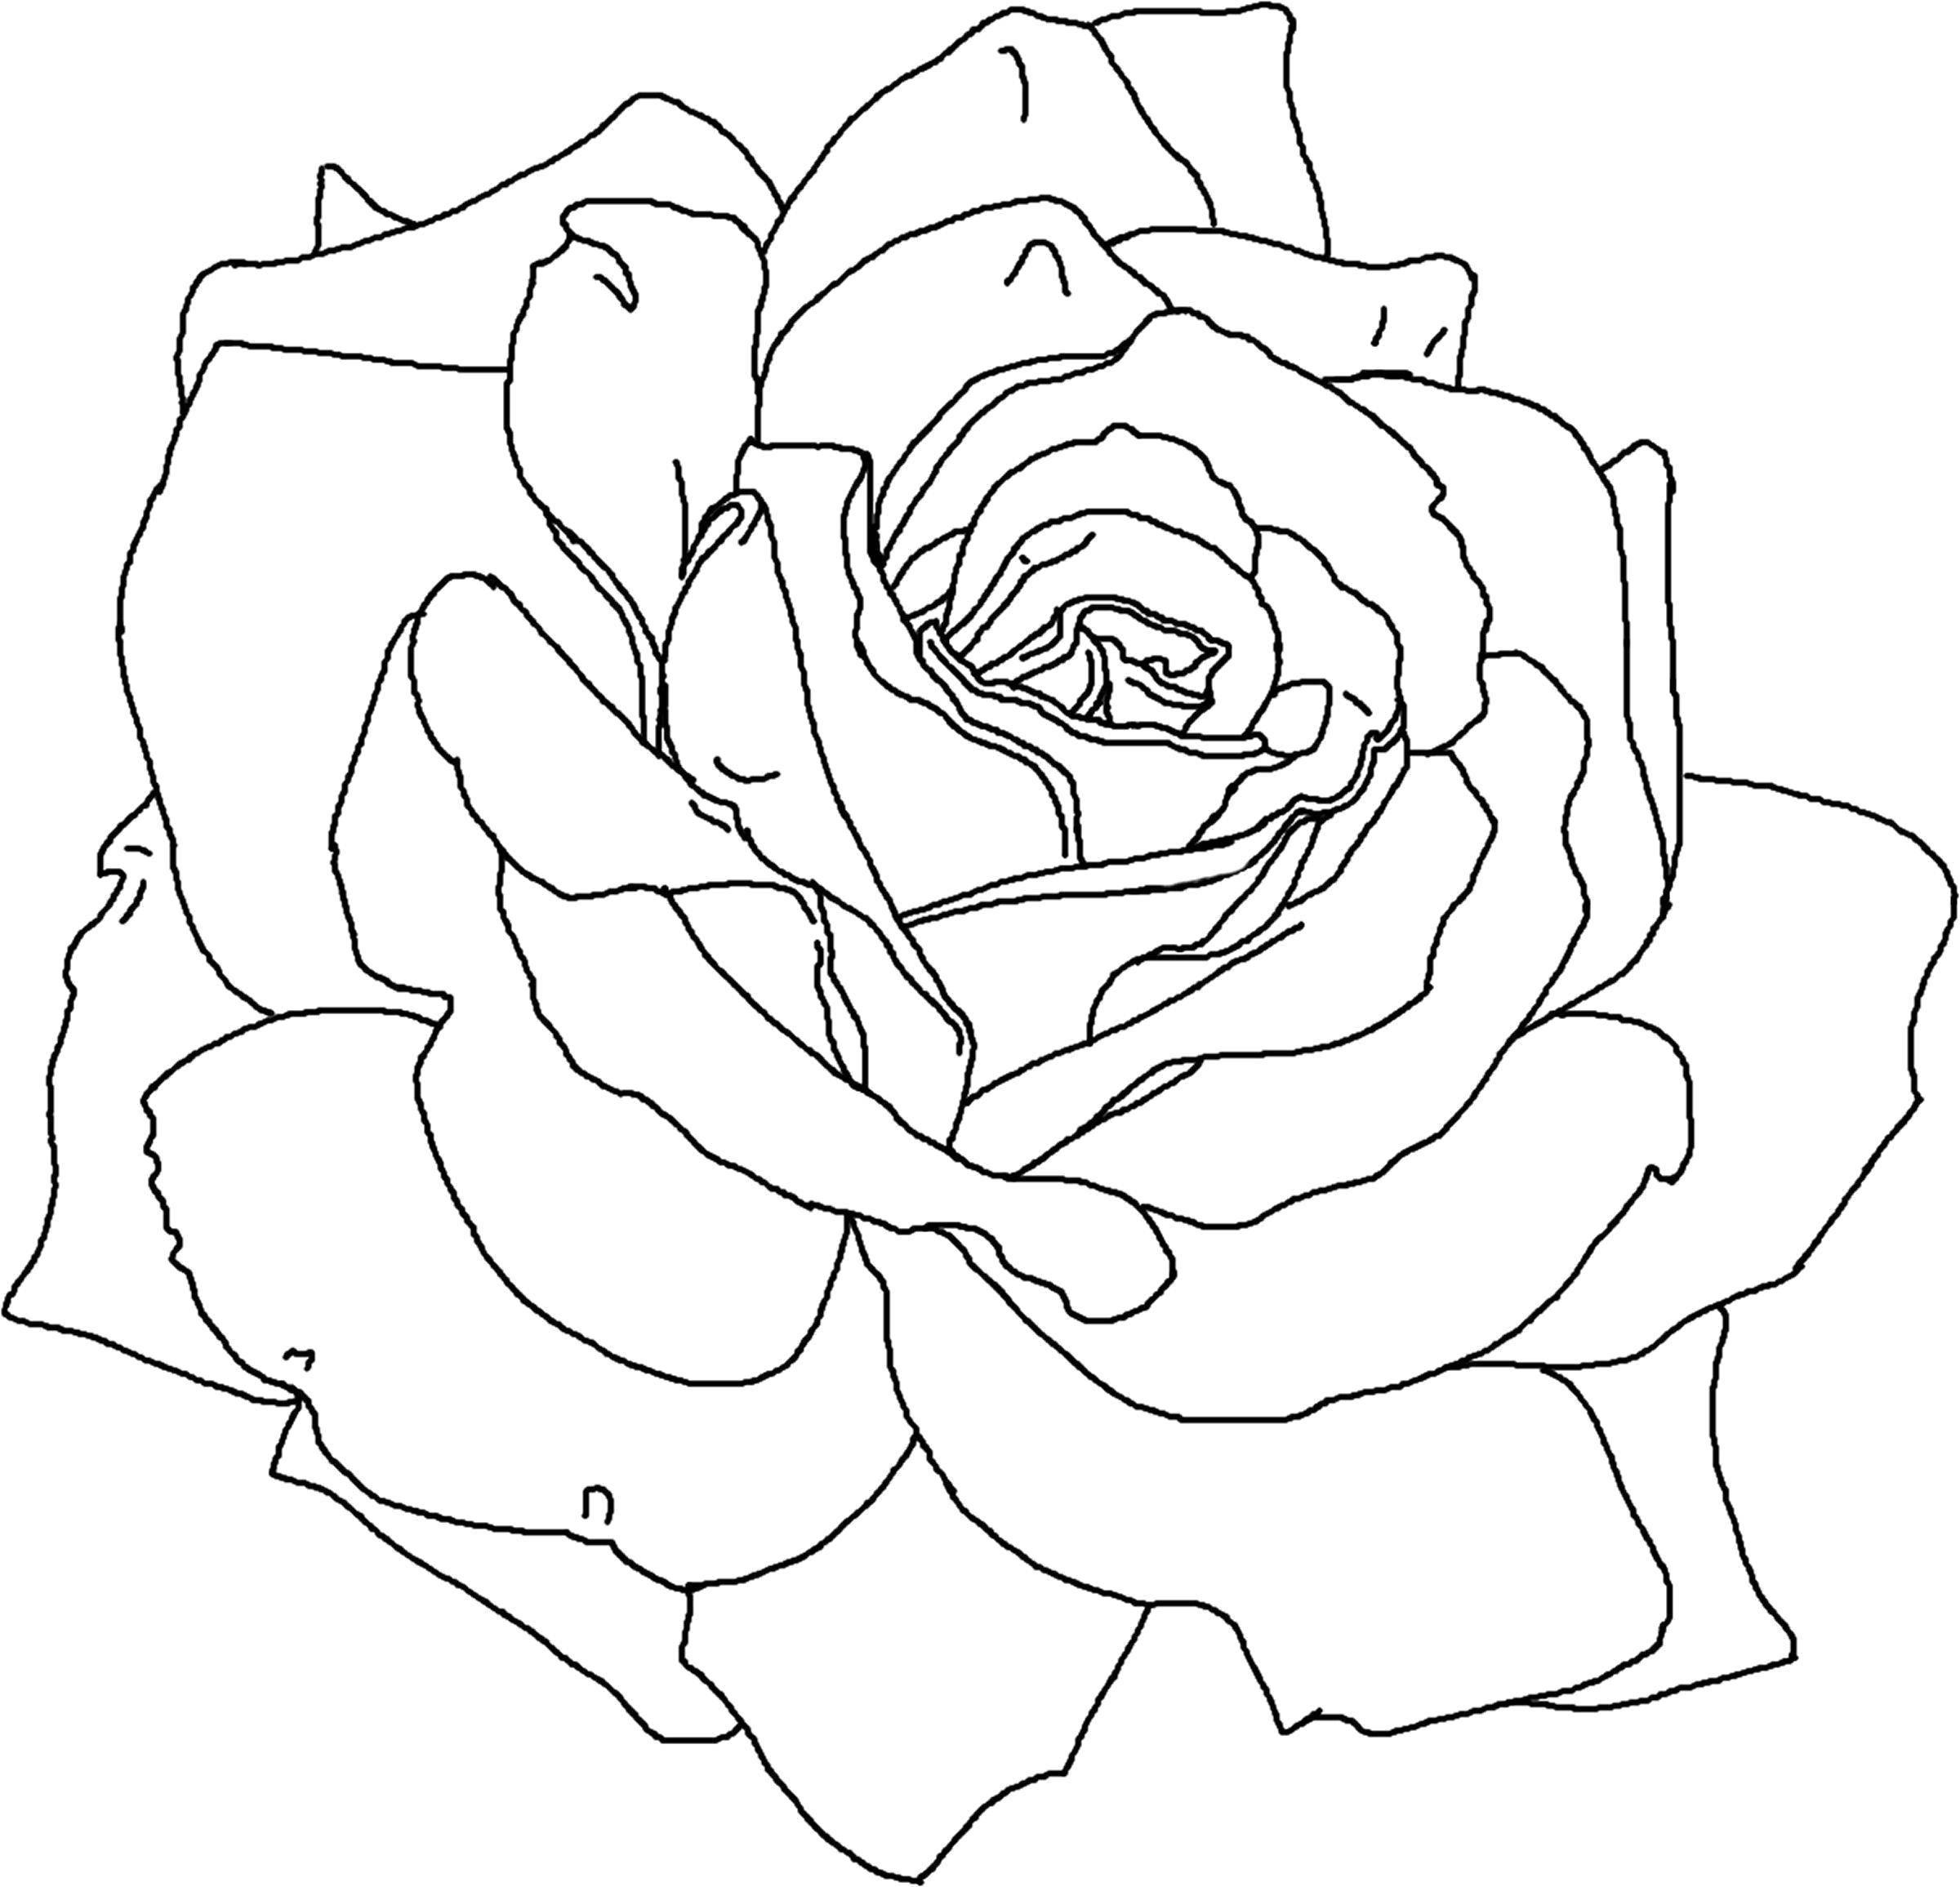 Раскраска Красивая роза Скачать Цветы, розы.  Распечатать ,цветы,